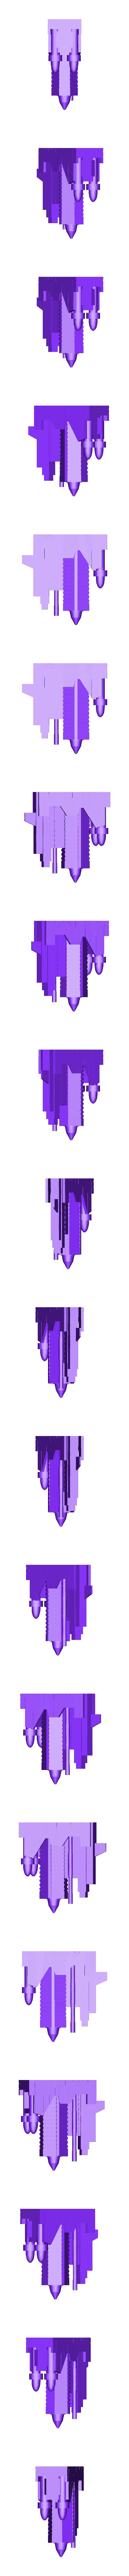 Front_LowerBA.stl Télécharger fichier STL gratuit Frégate Nebulon B (coupée et sectionnée) • Modèle pour impression 3D, Masterkookus